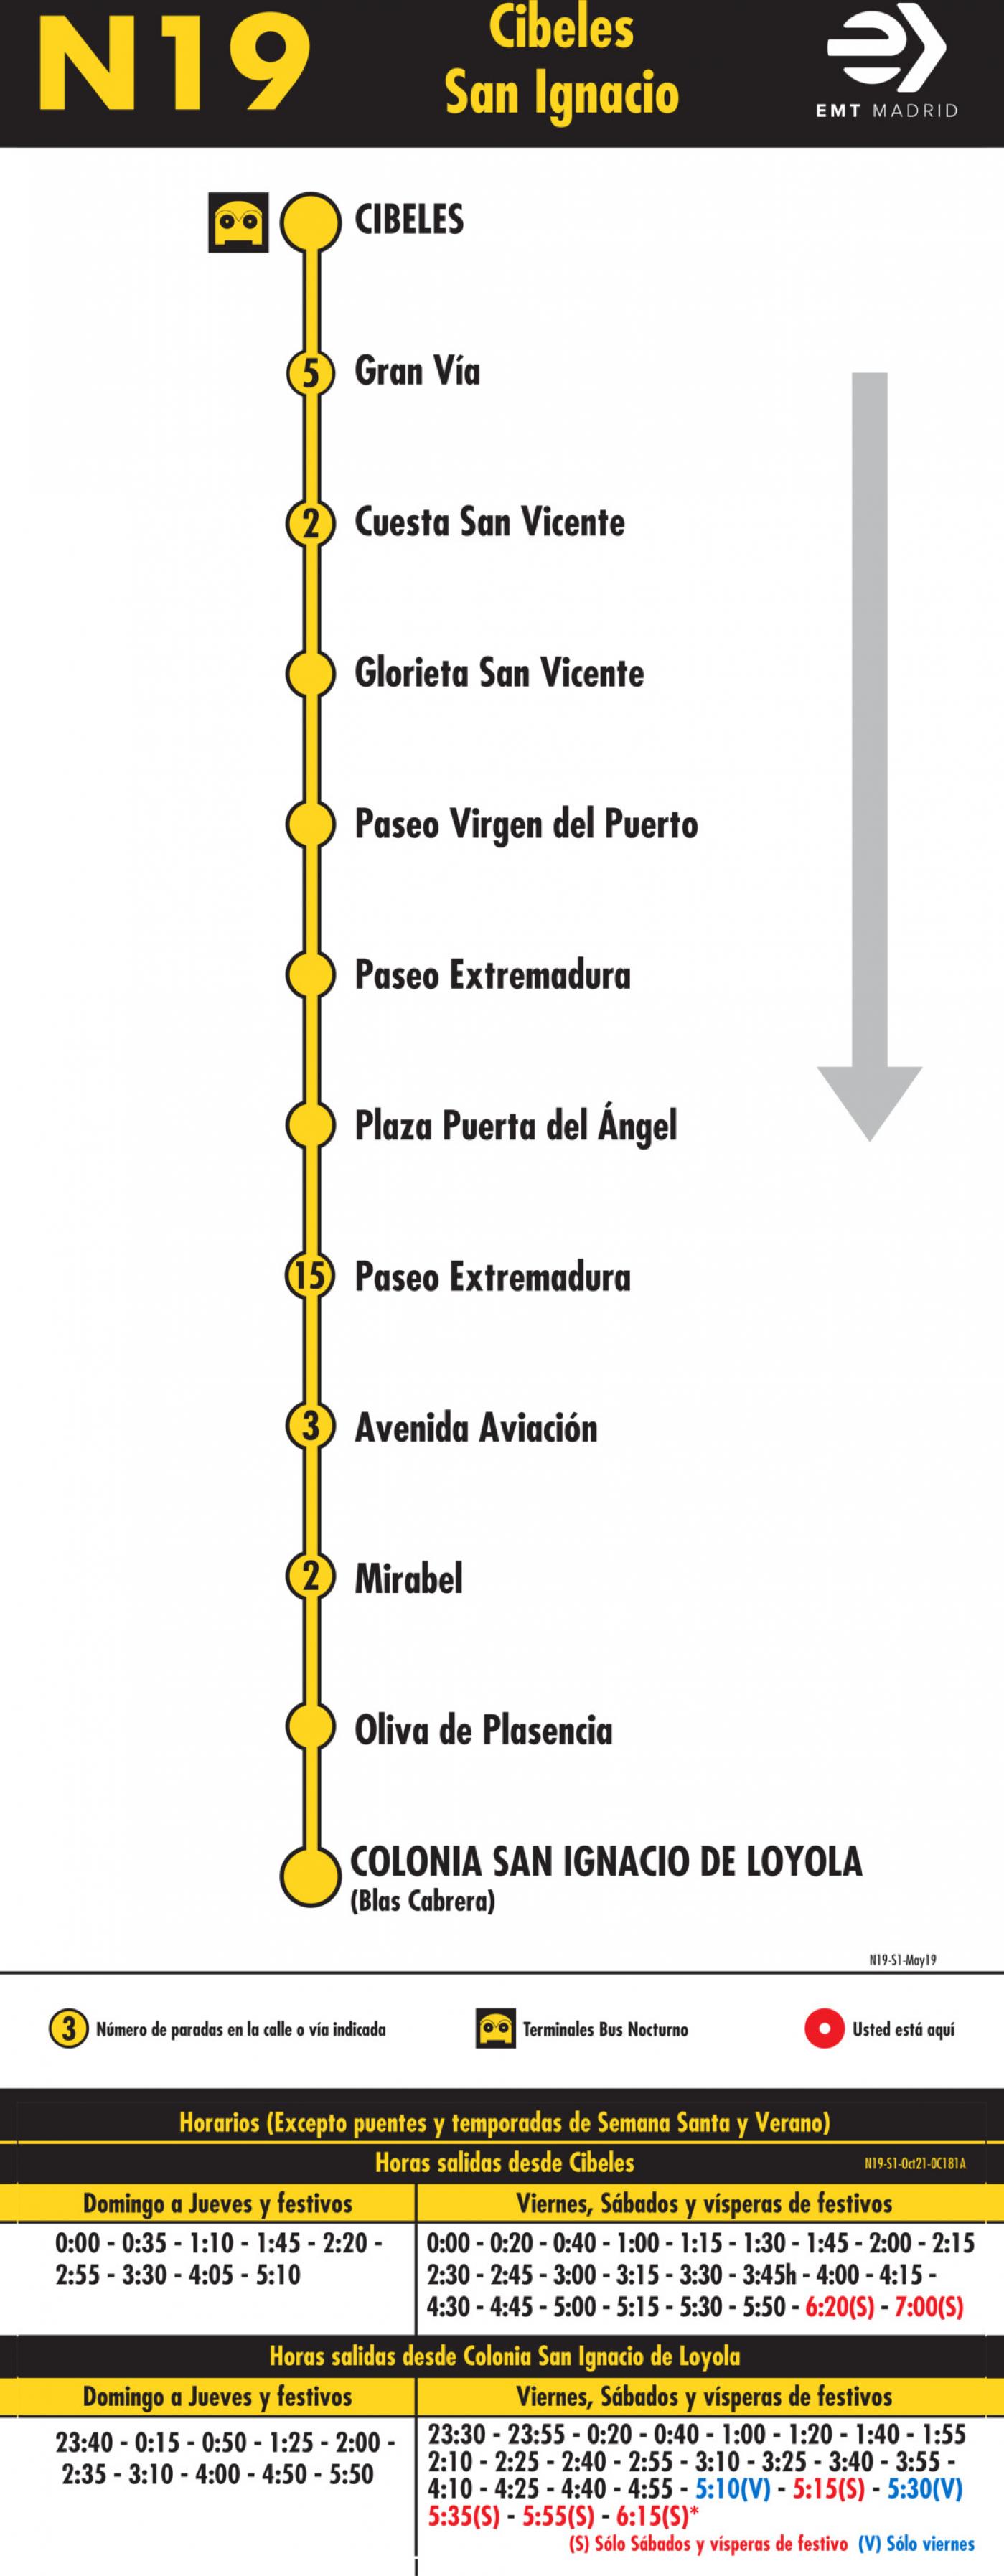 Tabla de horarios y frecuencias de paso en sentido ida Línea N19: Plaza de Cibeles - Colonia San Ignacio de Loyola (búho)